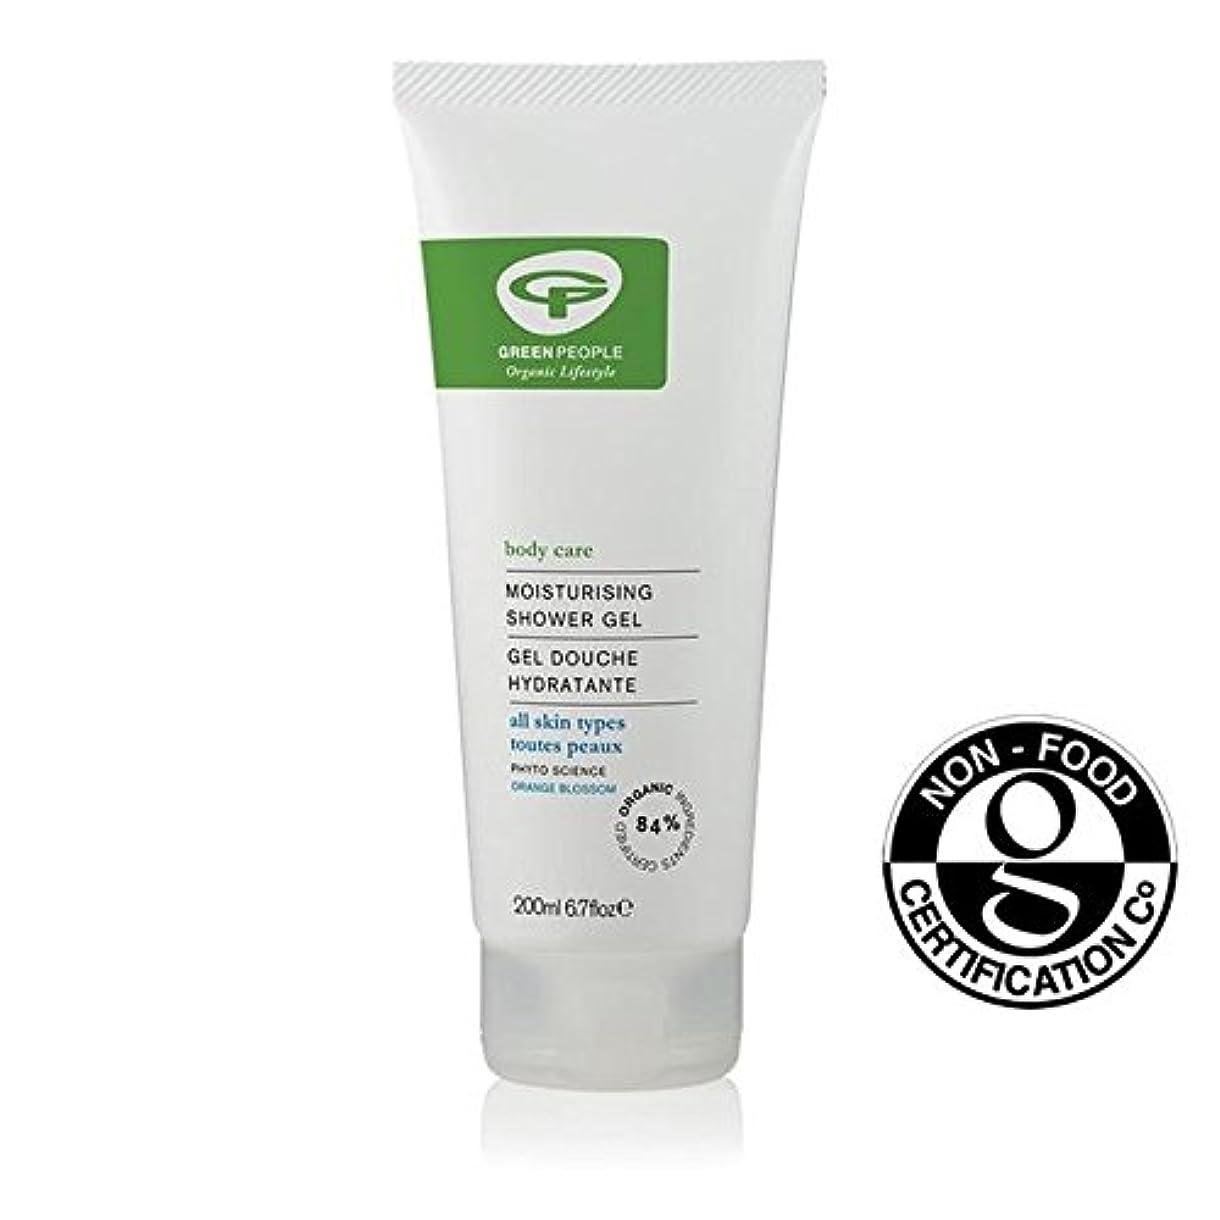 ベアリングサークルムス性交Green People Organic Moisturising Shower Gel 200ml (Pack of 6) - 緑の人々の有機保湿シャワージェル200 x6 [並行輸入品]